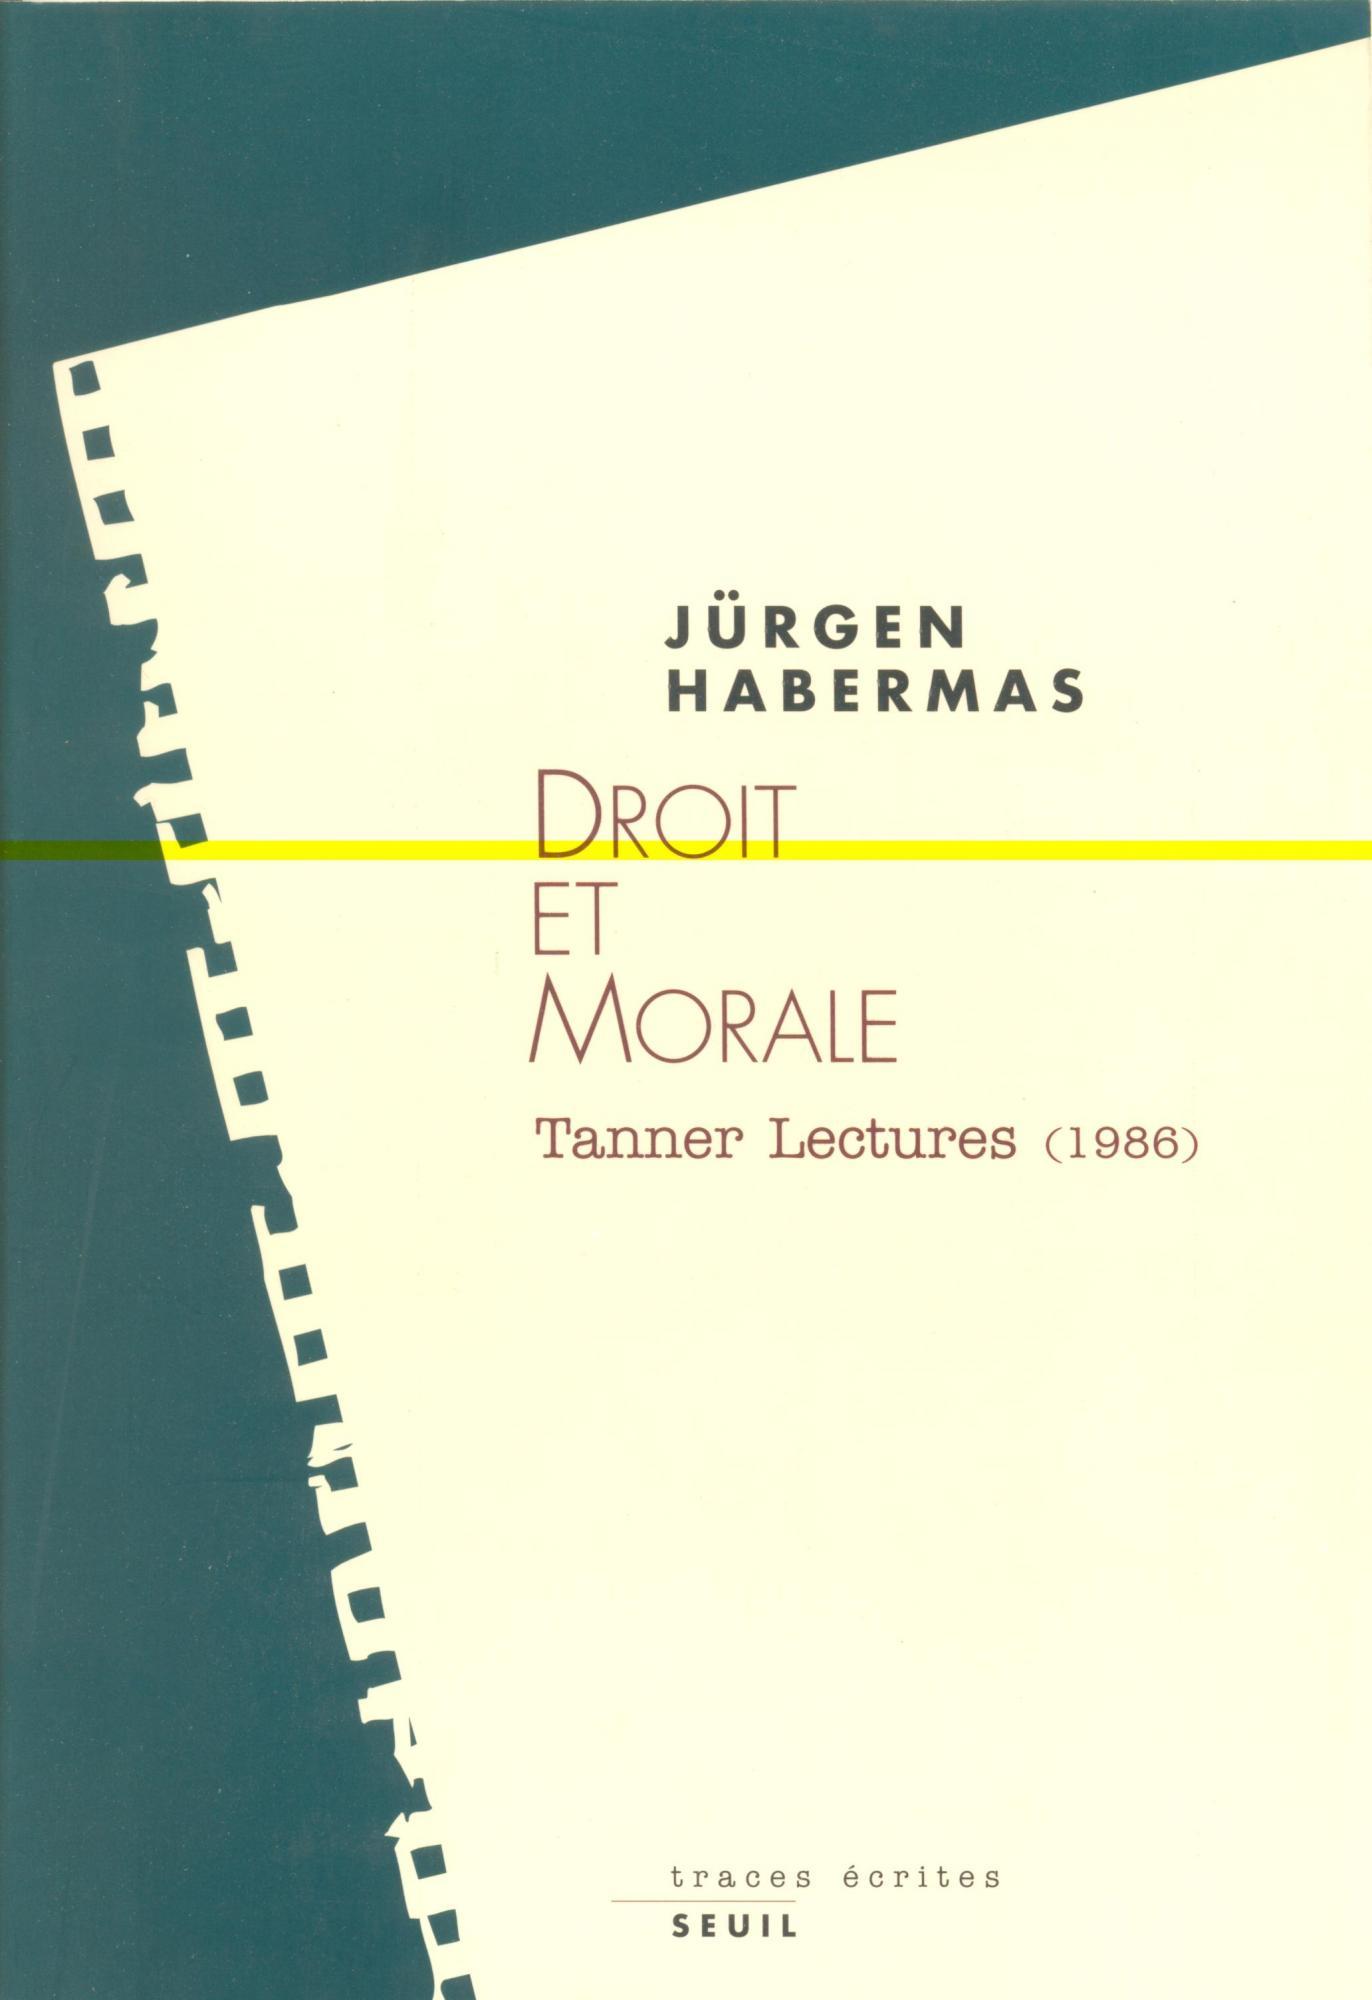 habermas_droit_et_morale.jpg